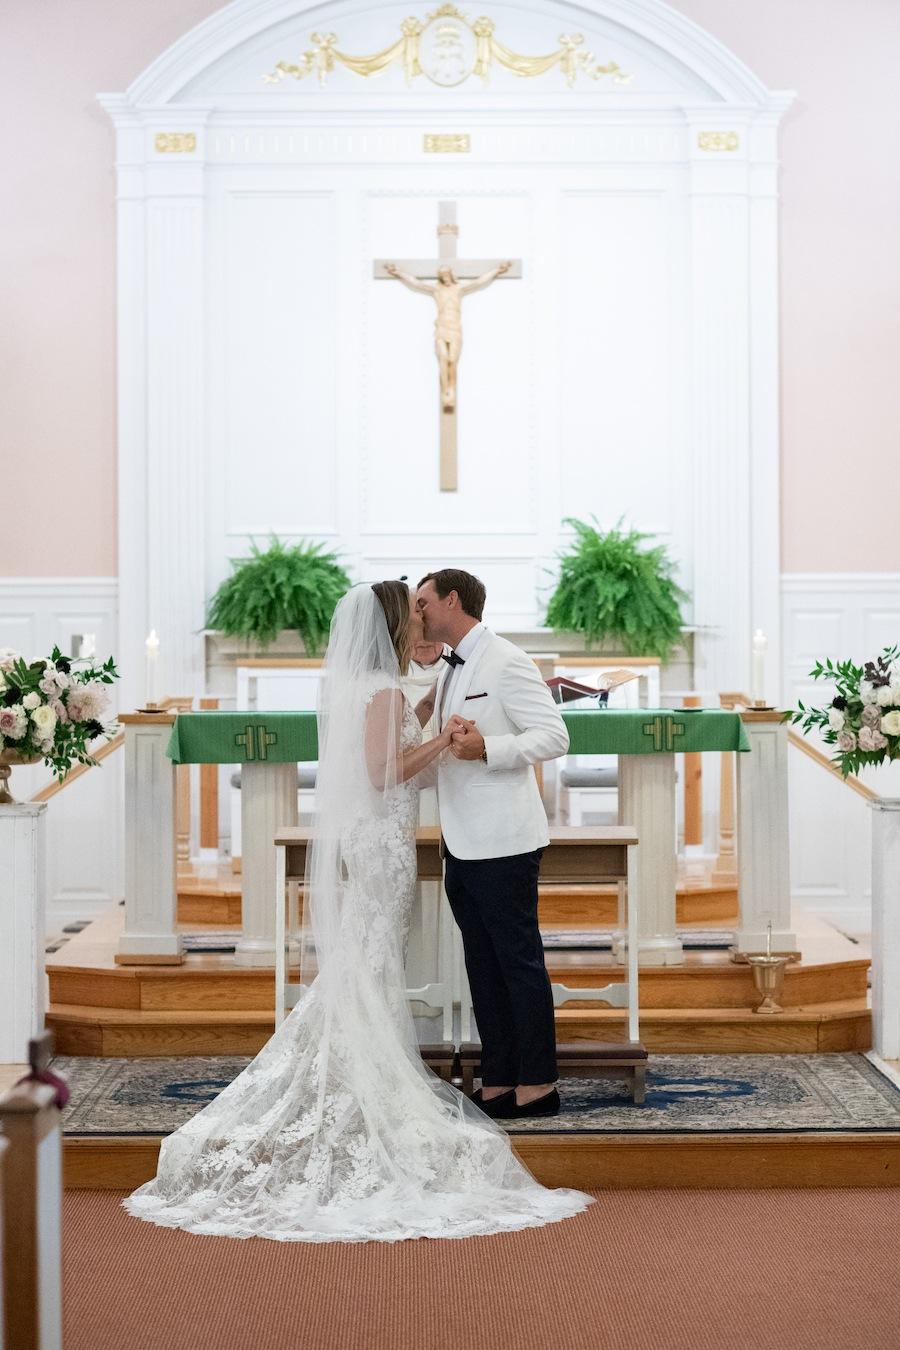 hyannis port wedding